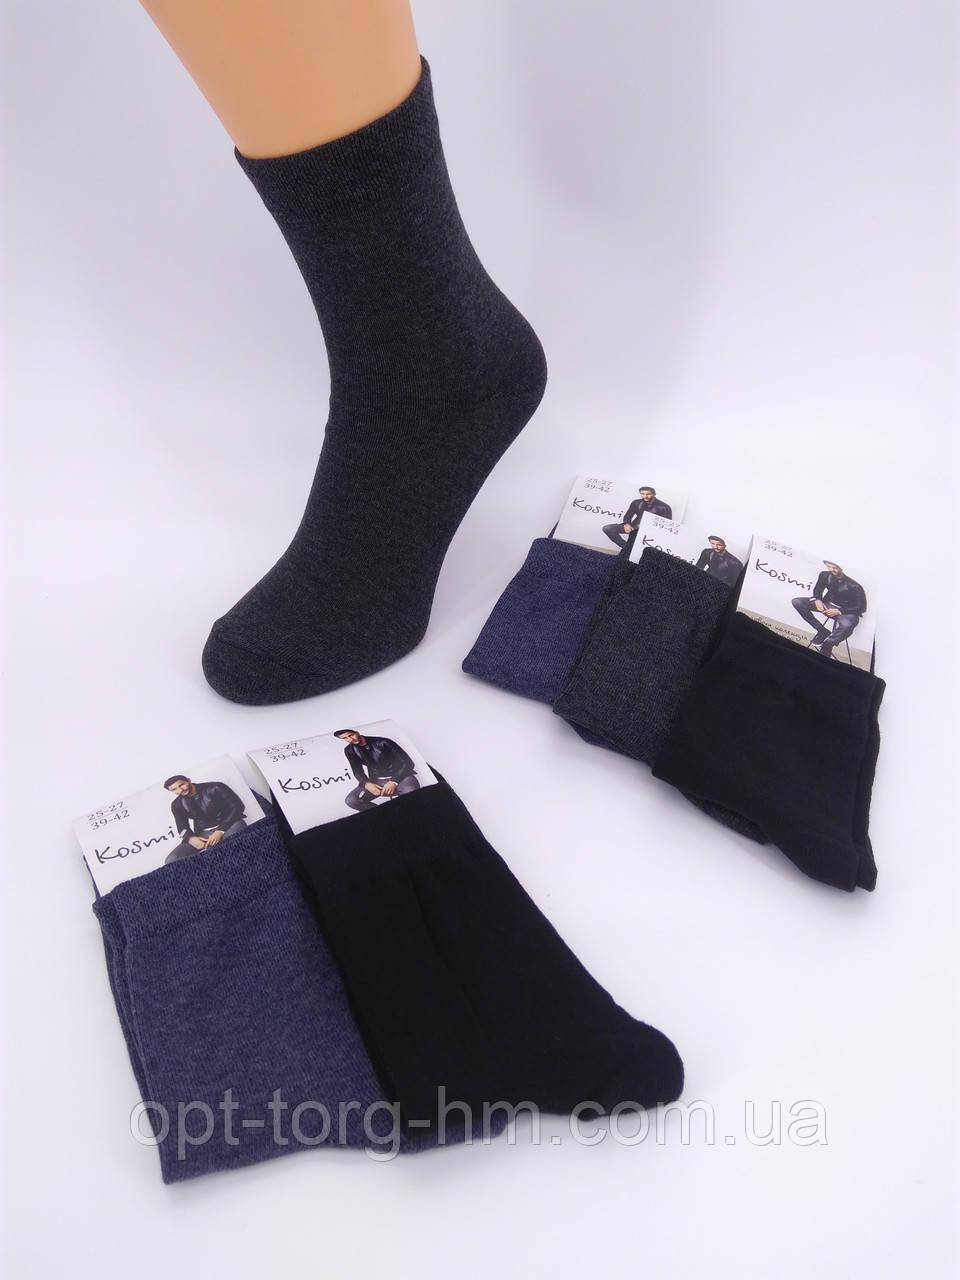 Чоловічі шкарпетки Kosmi 25-27 (39-42 взуття)